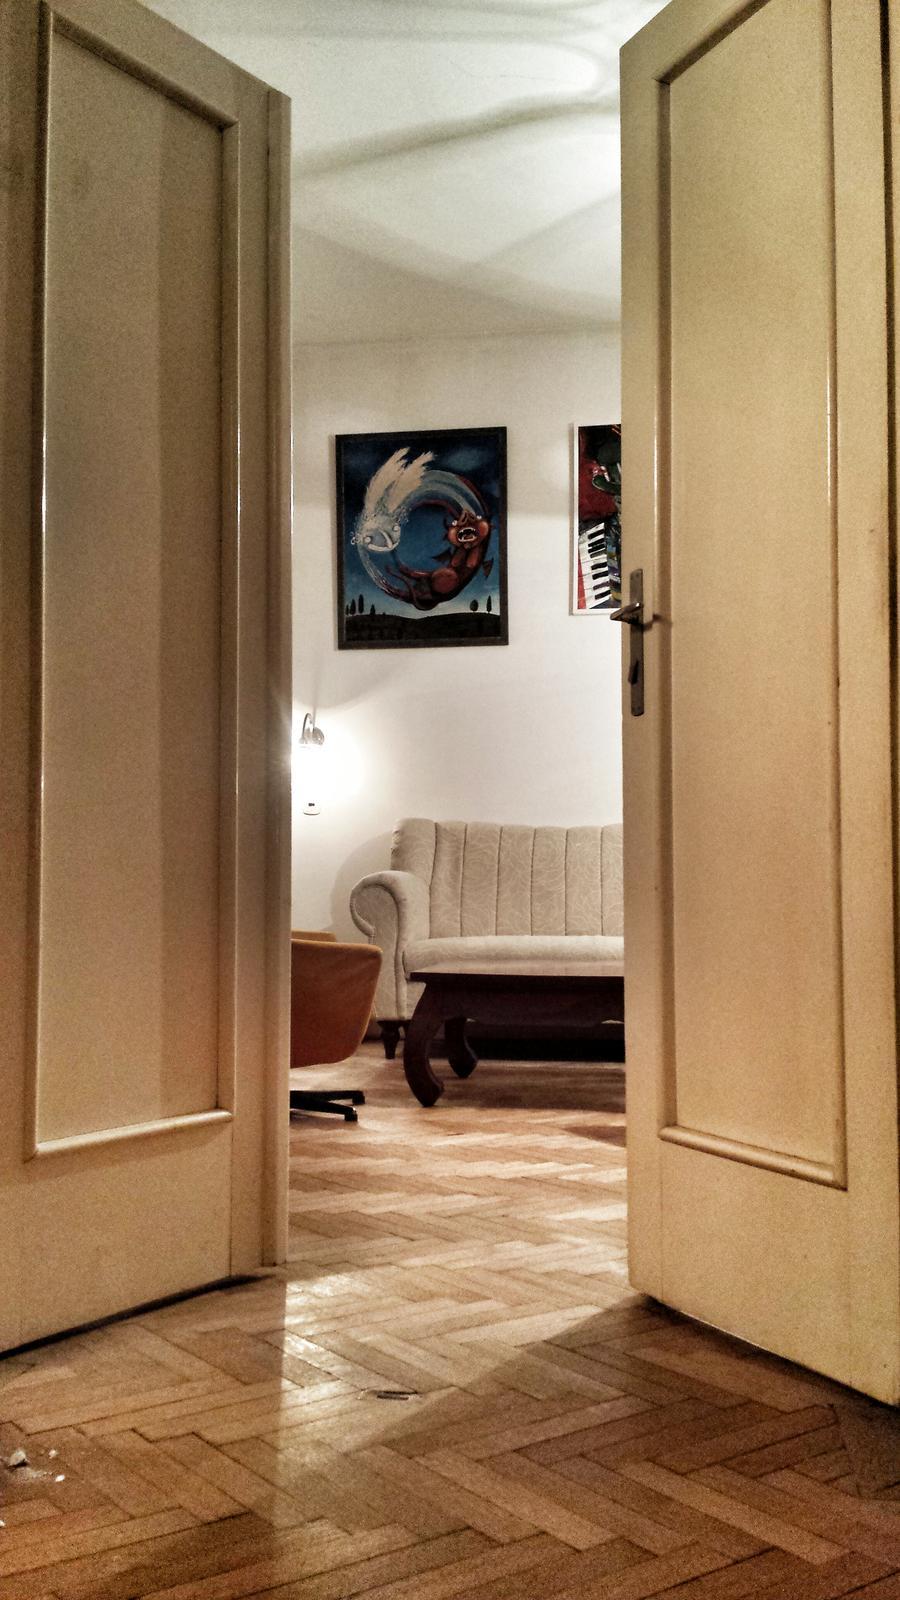 Rekonštrukcia bytu v národnej kultúrnej pamiatke - zatial sa provizorne zabydlujeme :)